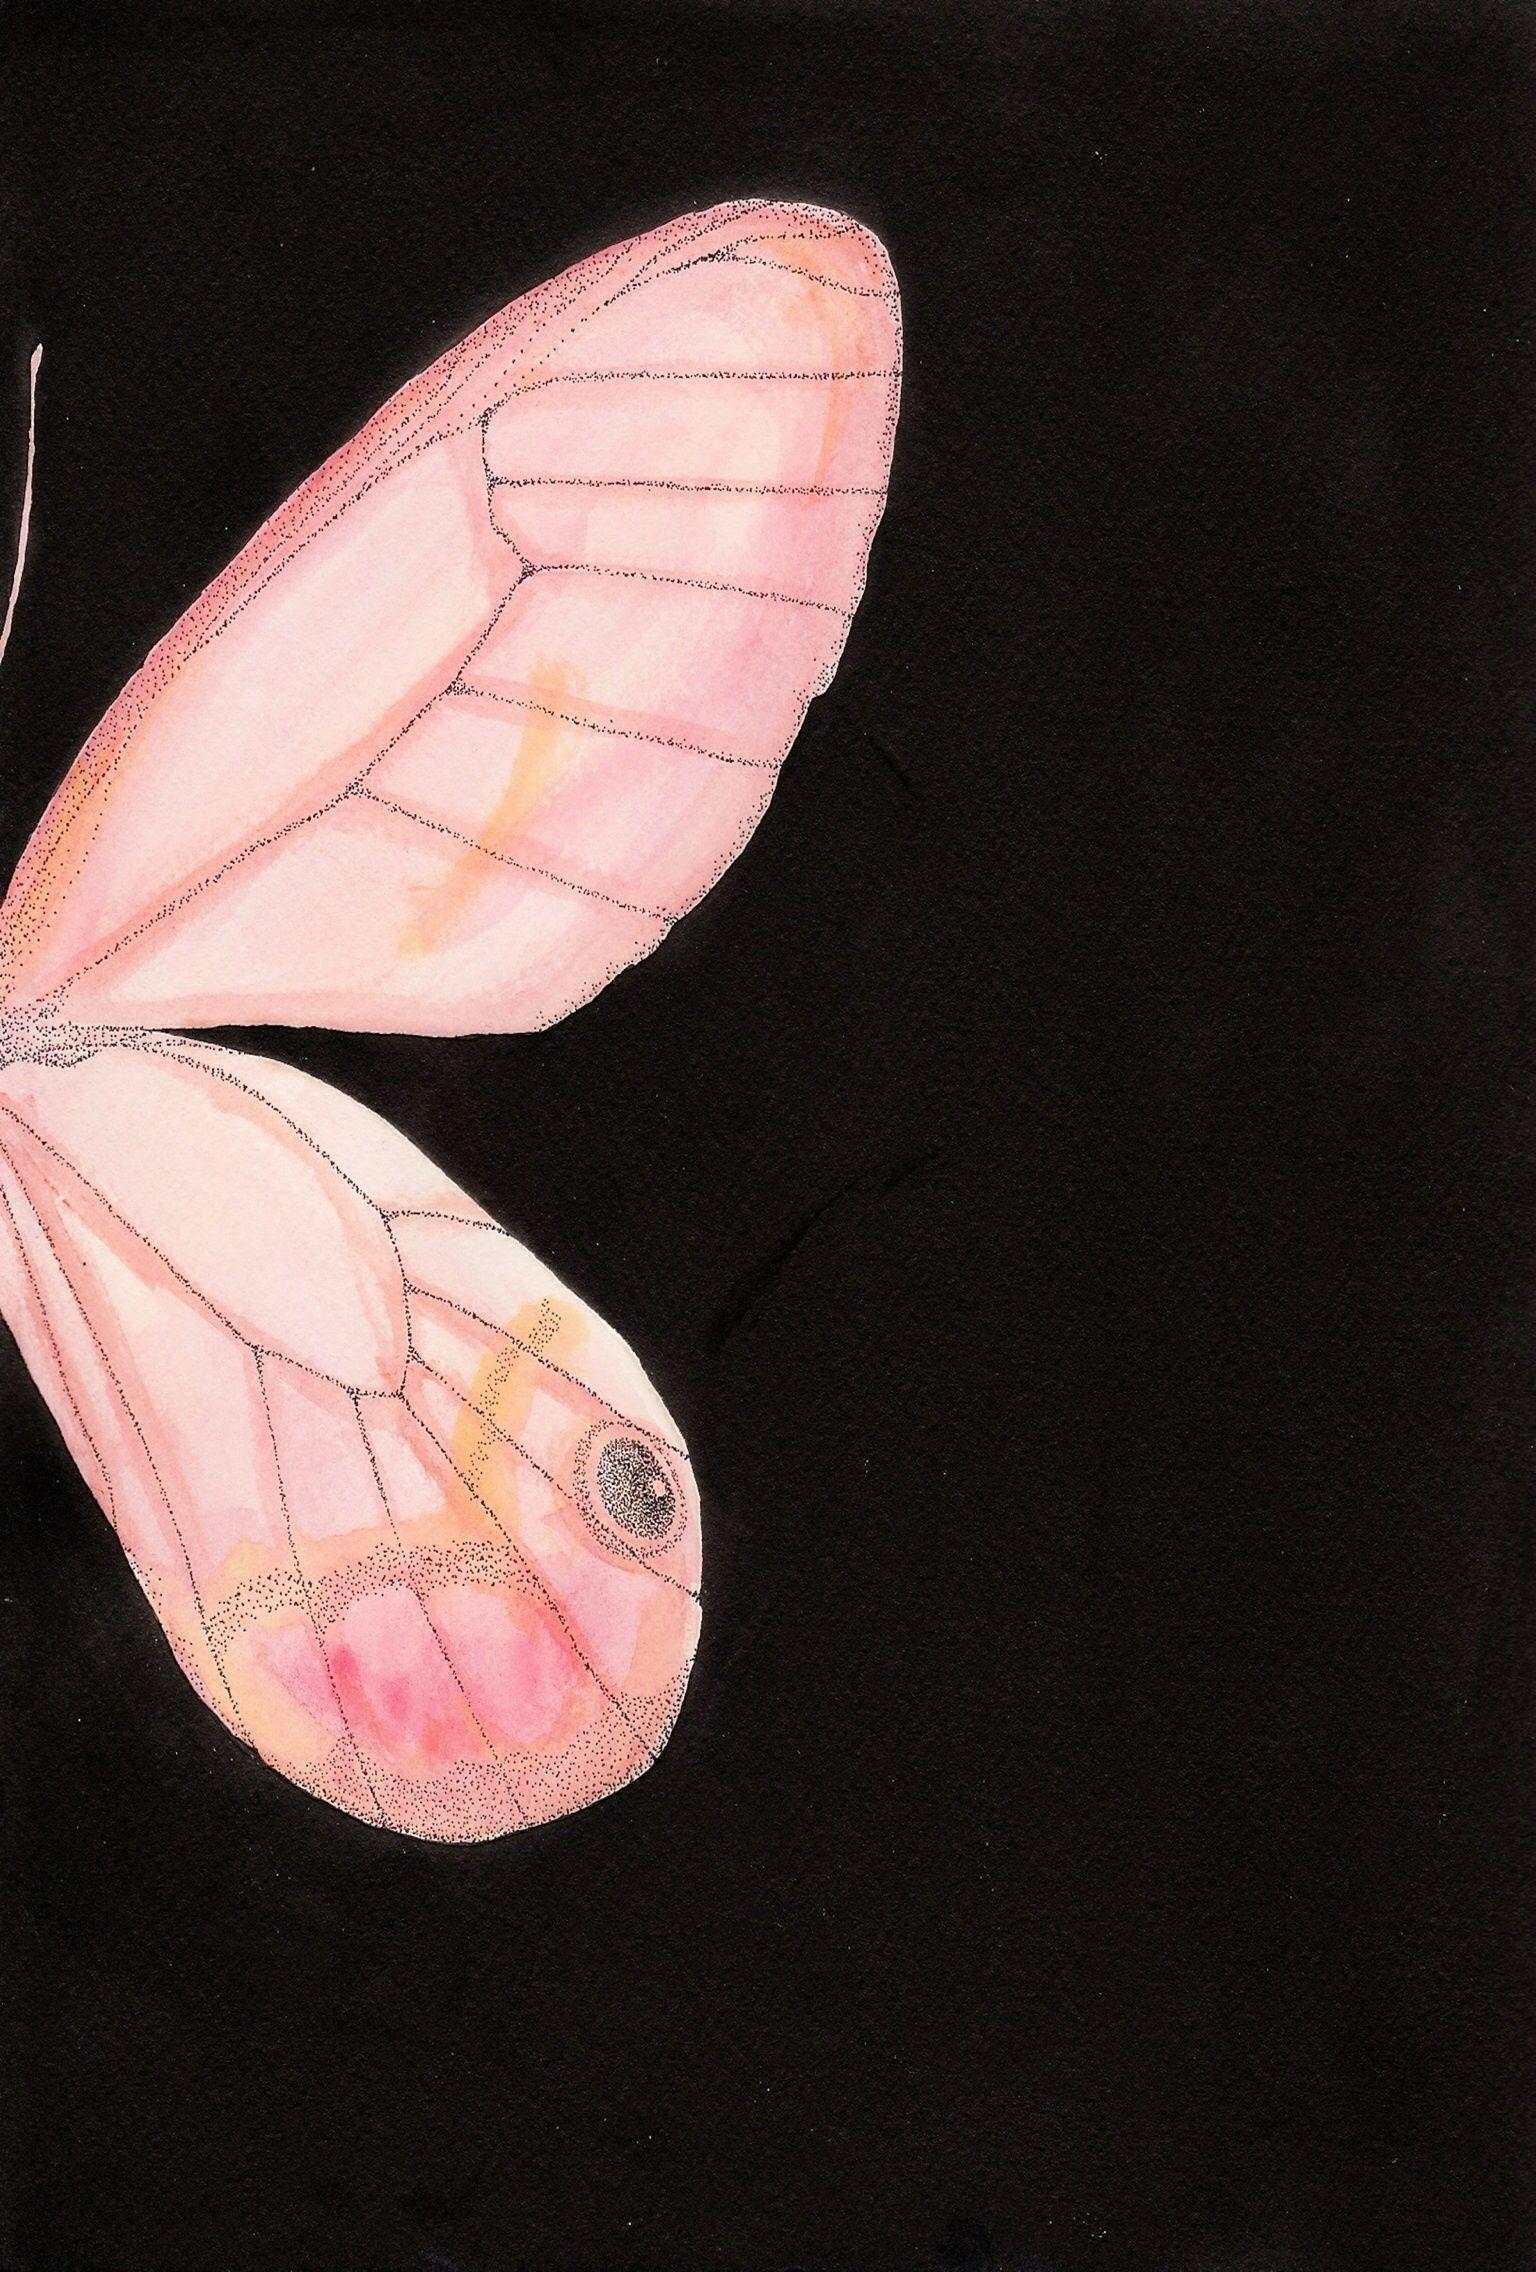 ポストカードパネル(エレバベニスカシジャノメ)